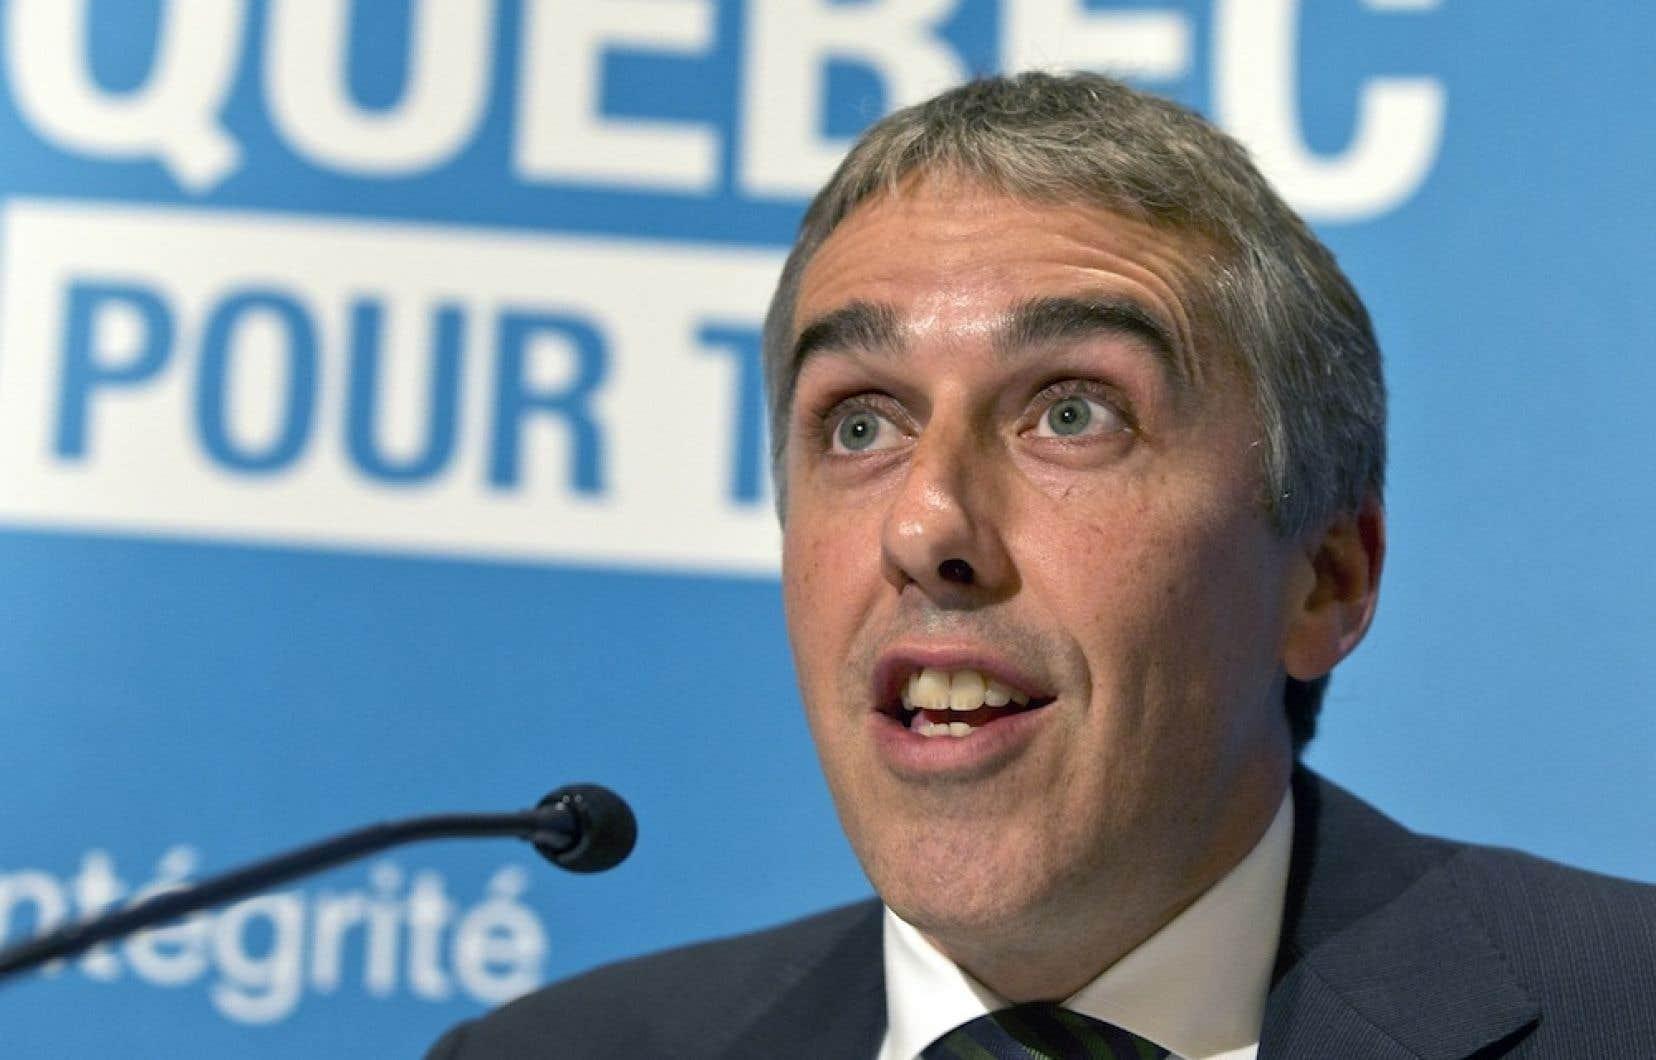 Le ministre des Finances, Nicolas Marceau, a estimé, vendredi, à Montréal, qu'une «étape importante» venait d'être franchie pour diversifier et consolider l'accès du Québec au marché européen.